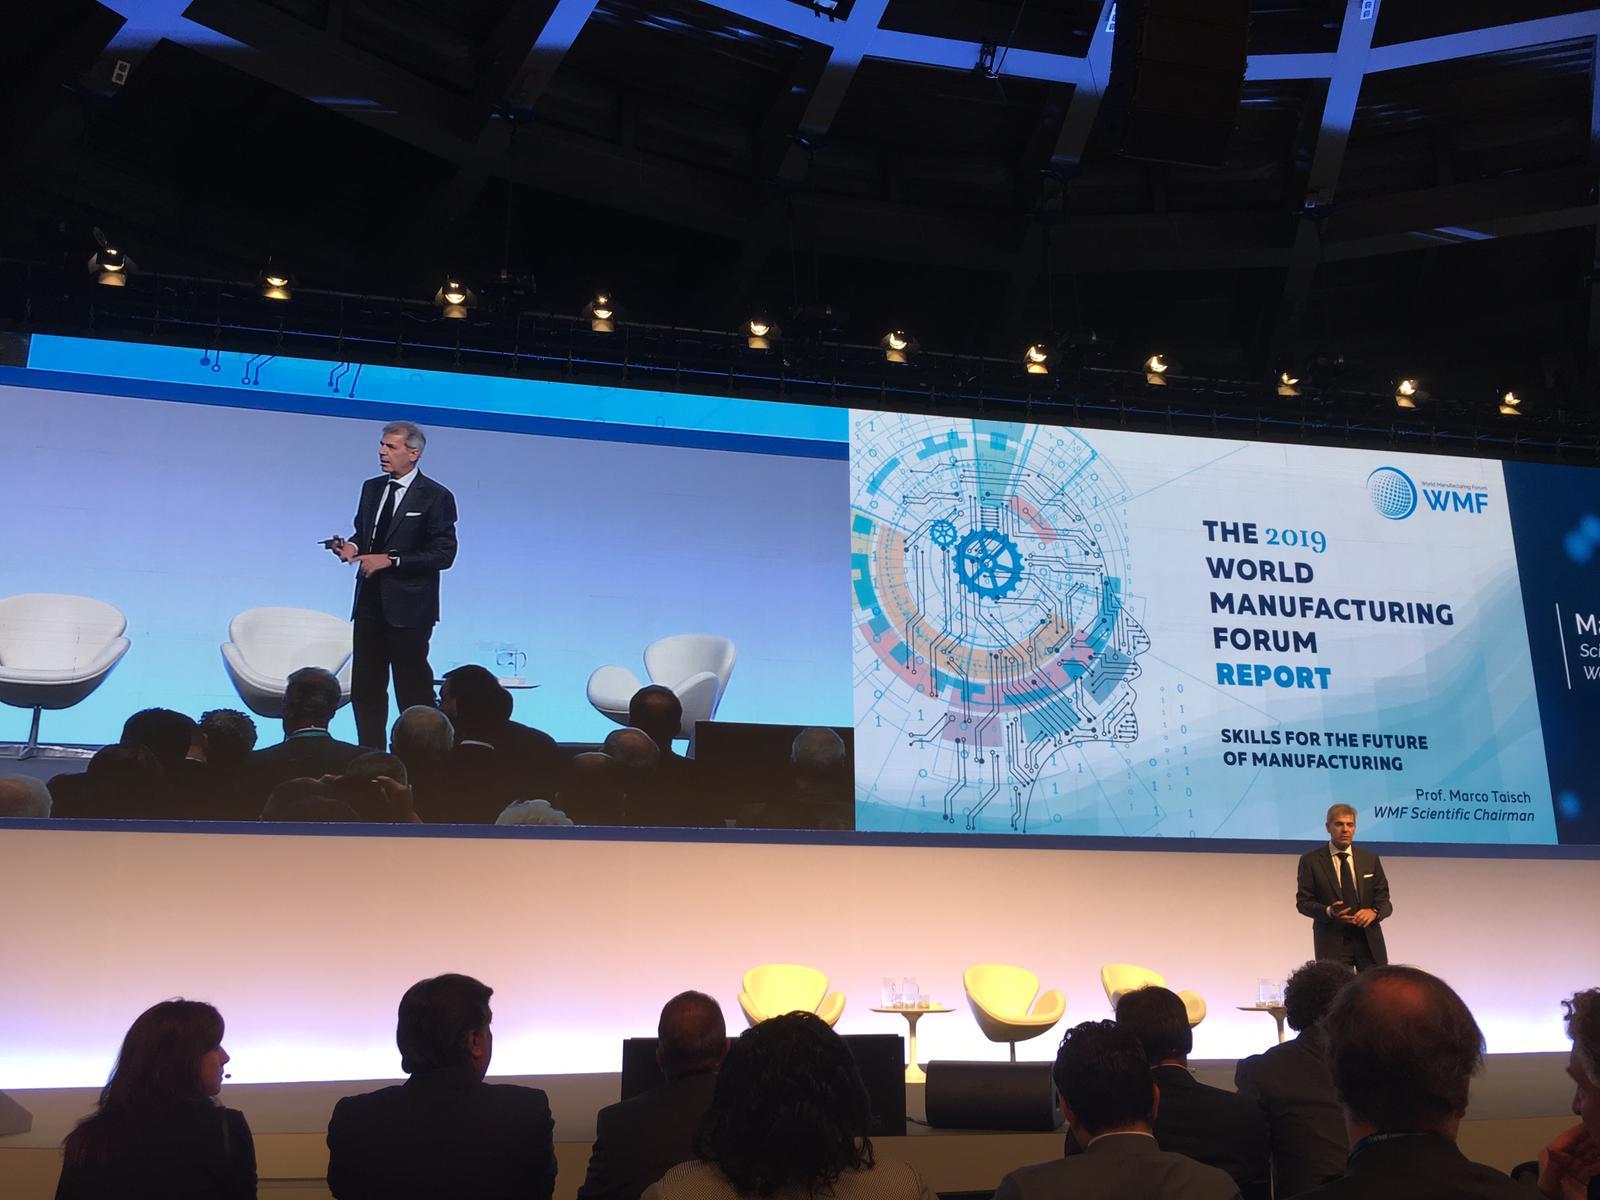 UNIDO ITPO Italy al World manufacturing Forum 2019 per parlare di